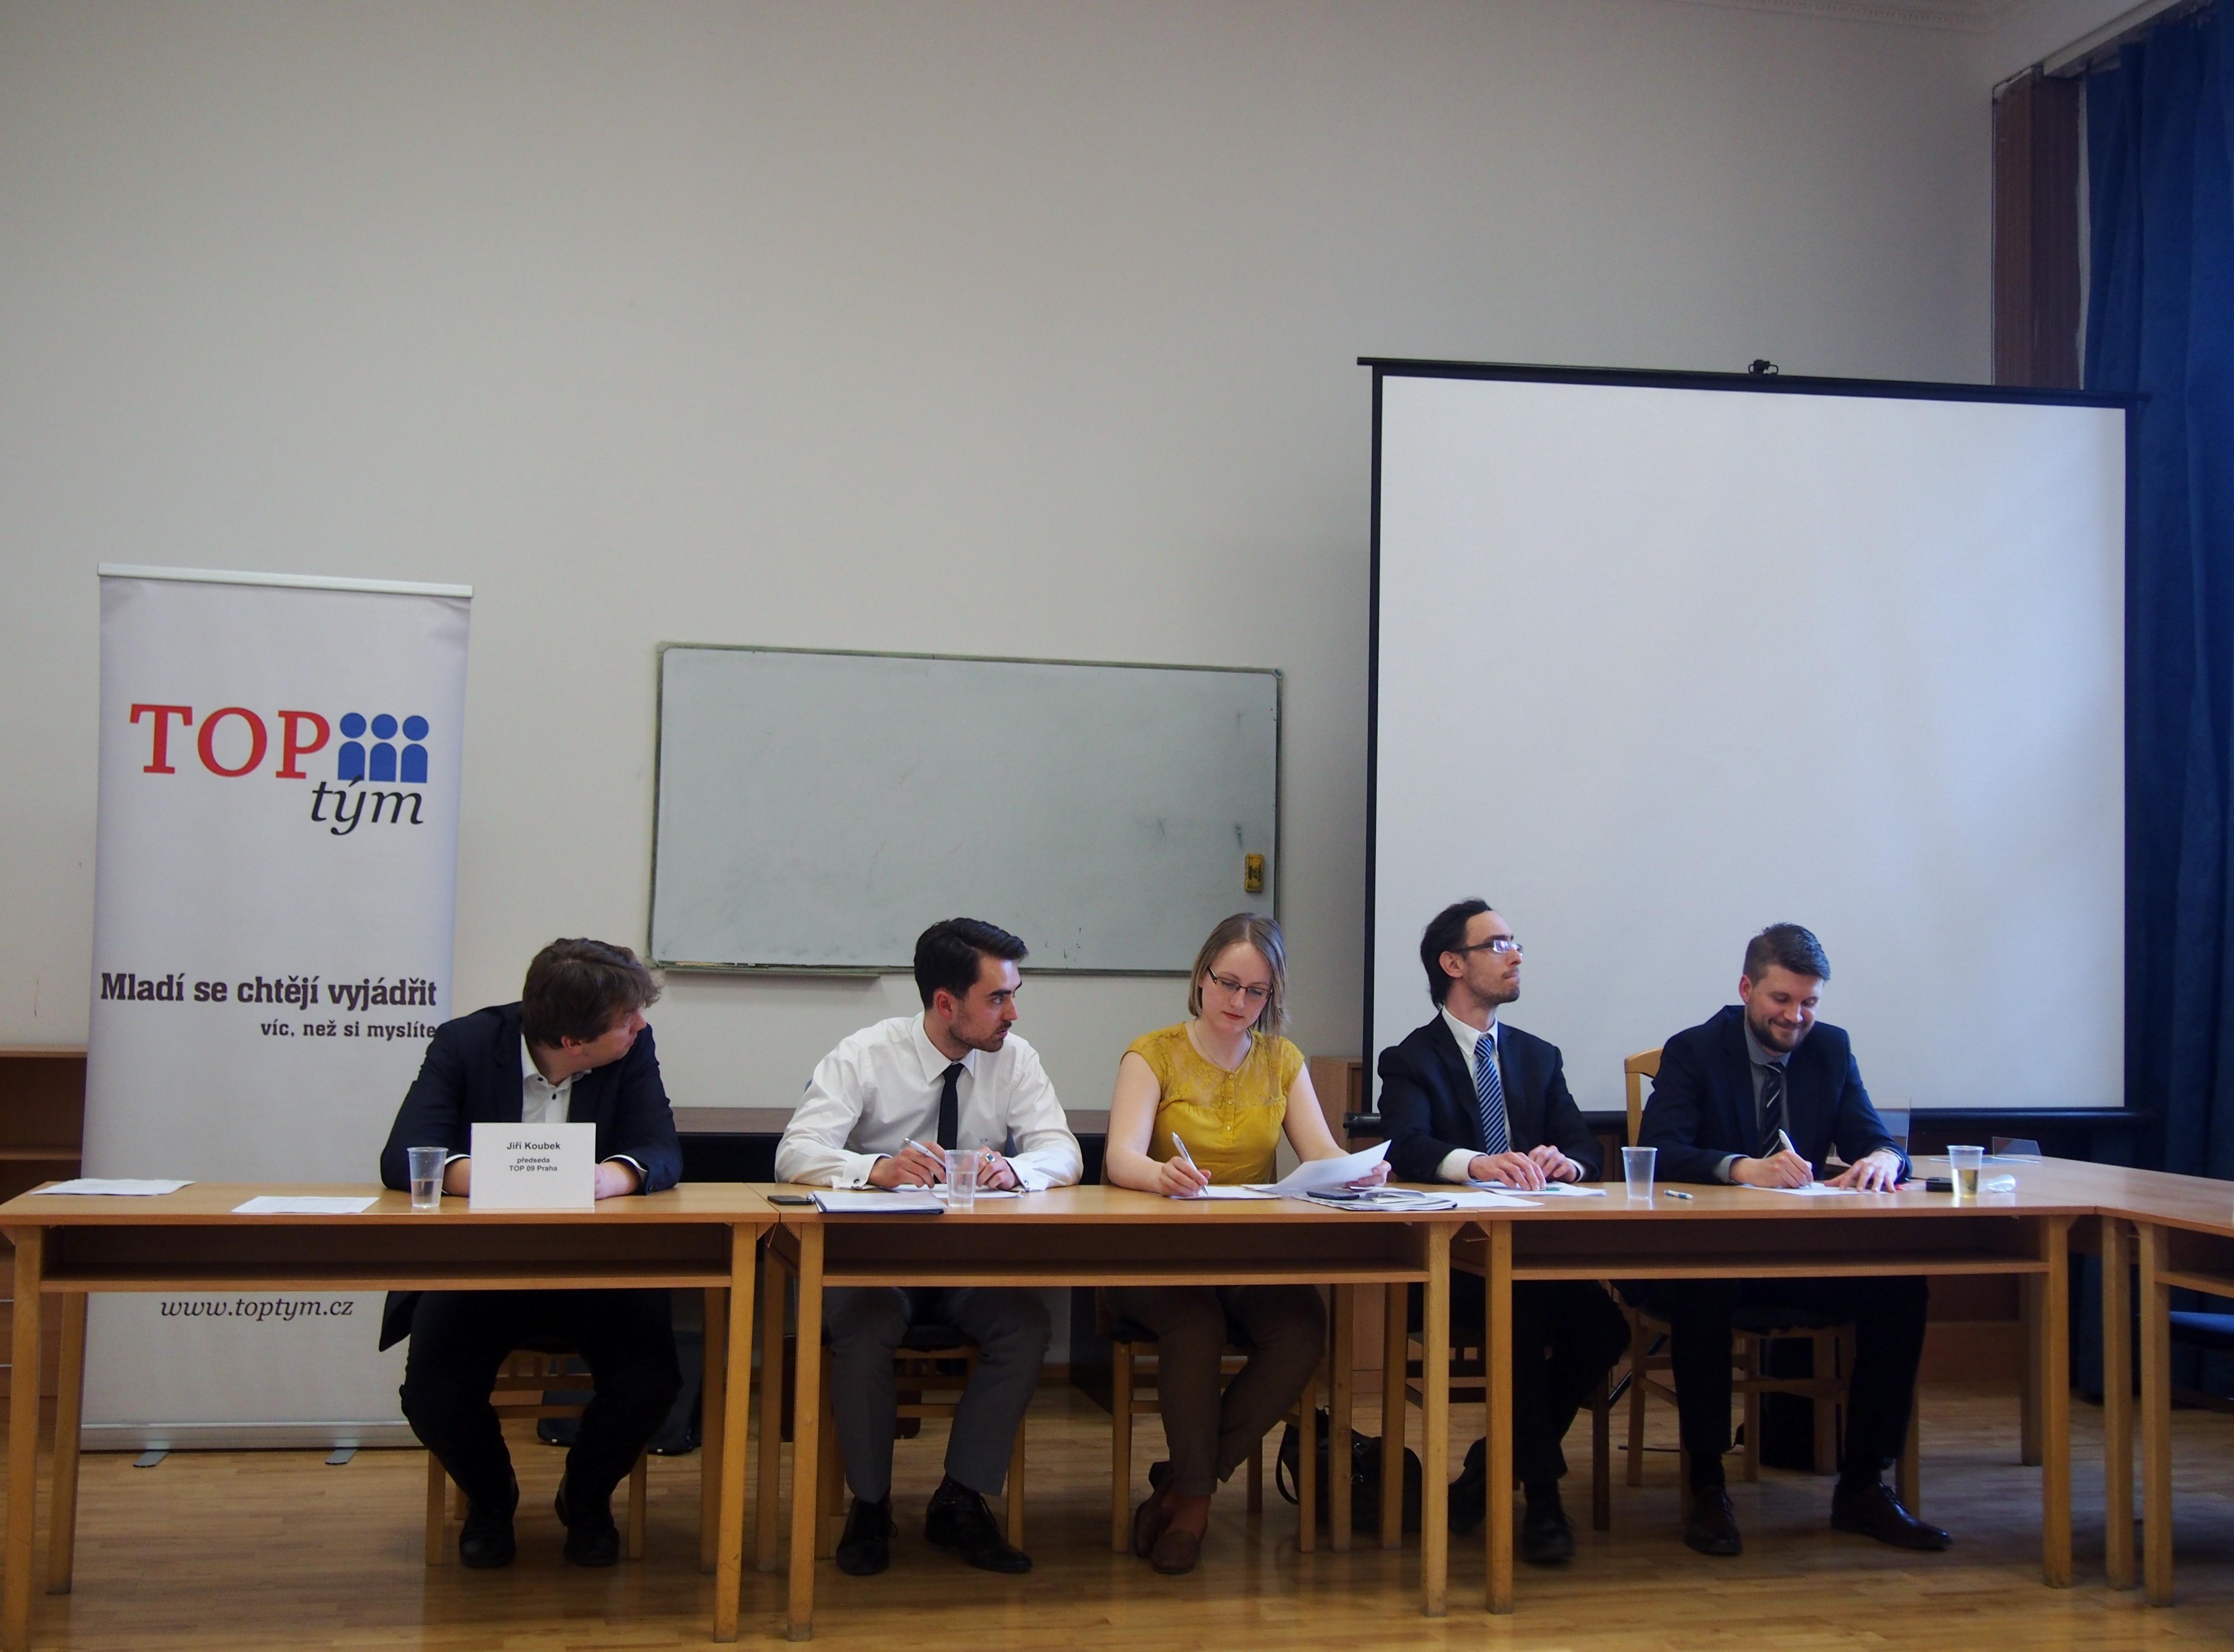 Třetí volební valná hromada TOP týmu potvrdila mandát staronovému vedení